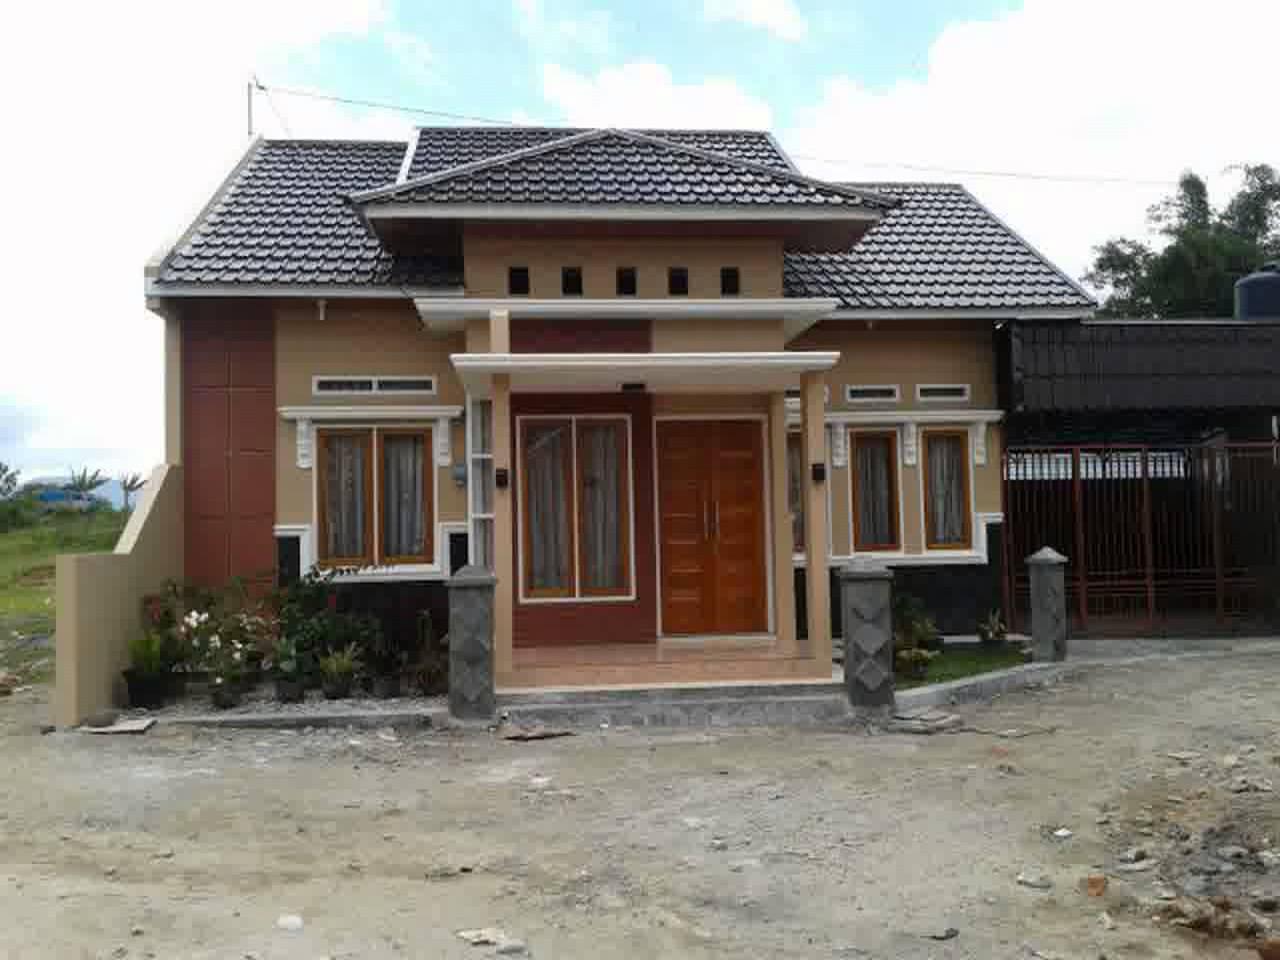 54 Desain Rumah Sederhana Di Kampung Minimalis Dan Modern Kumpulan Desain Minimalis